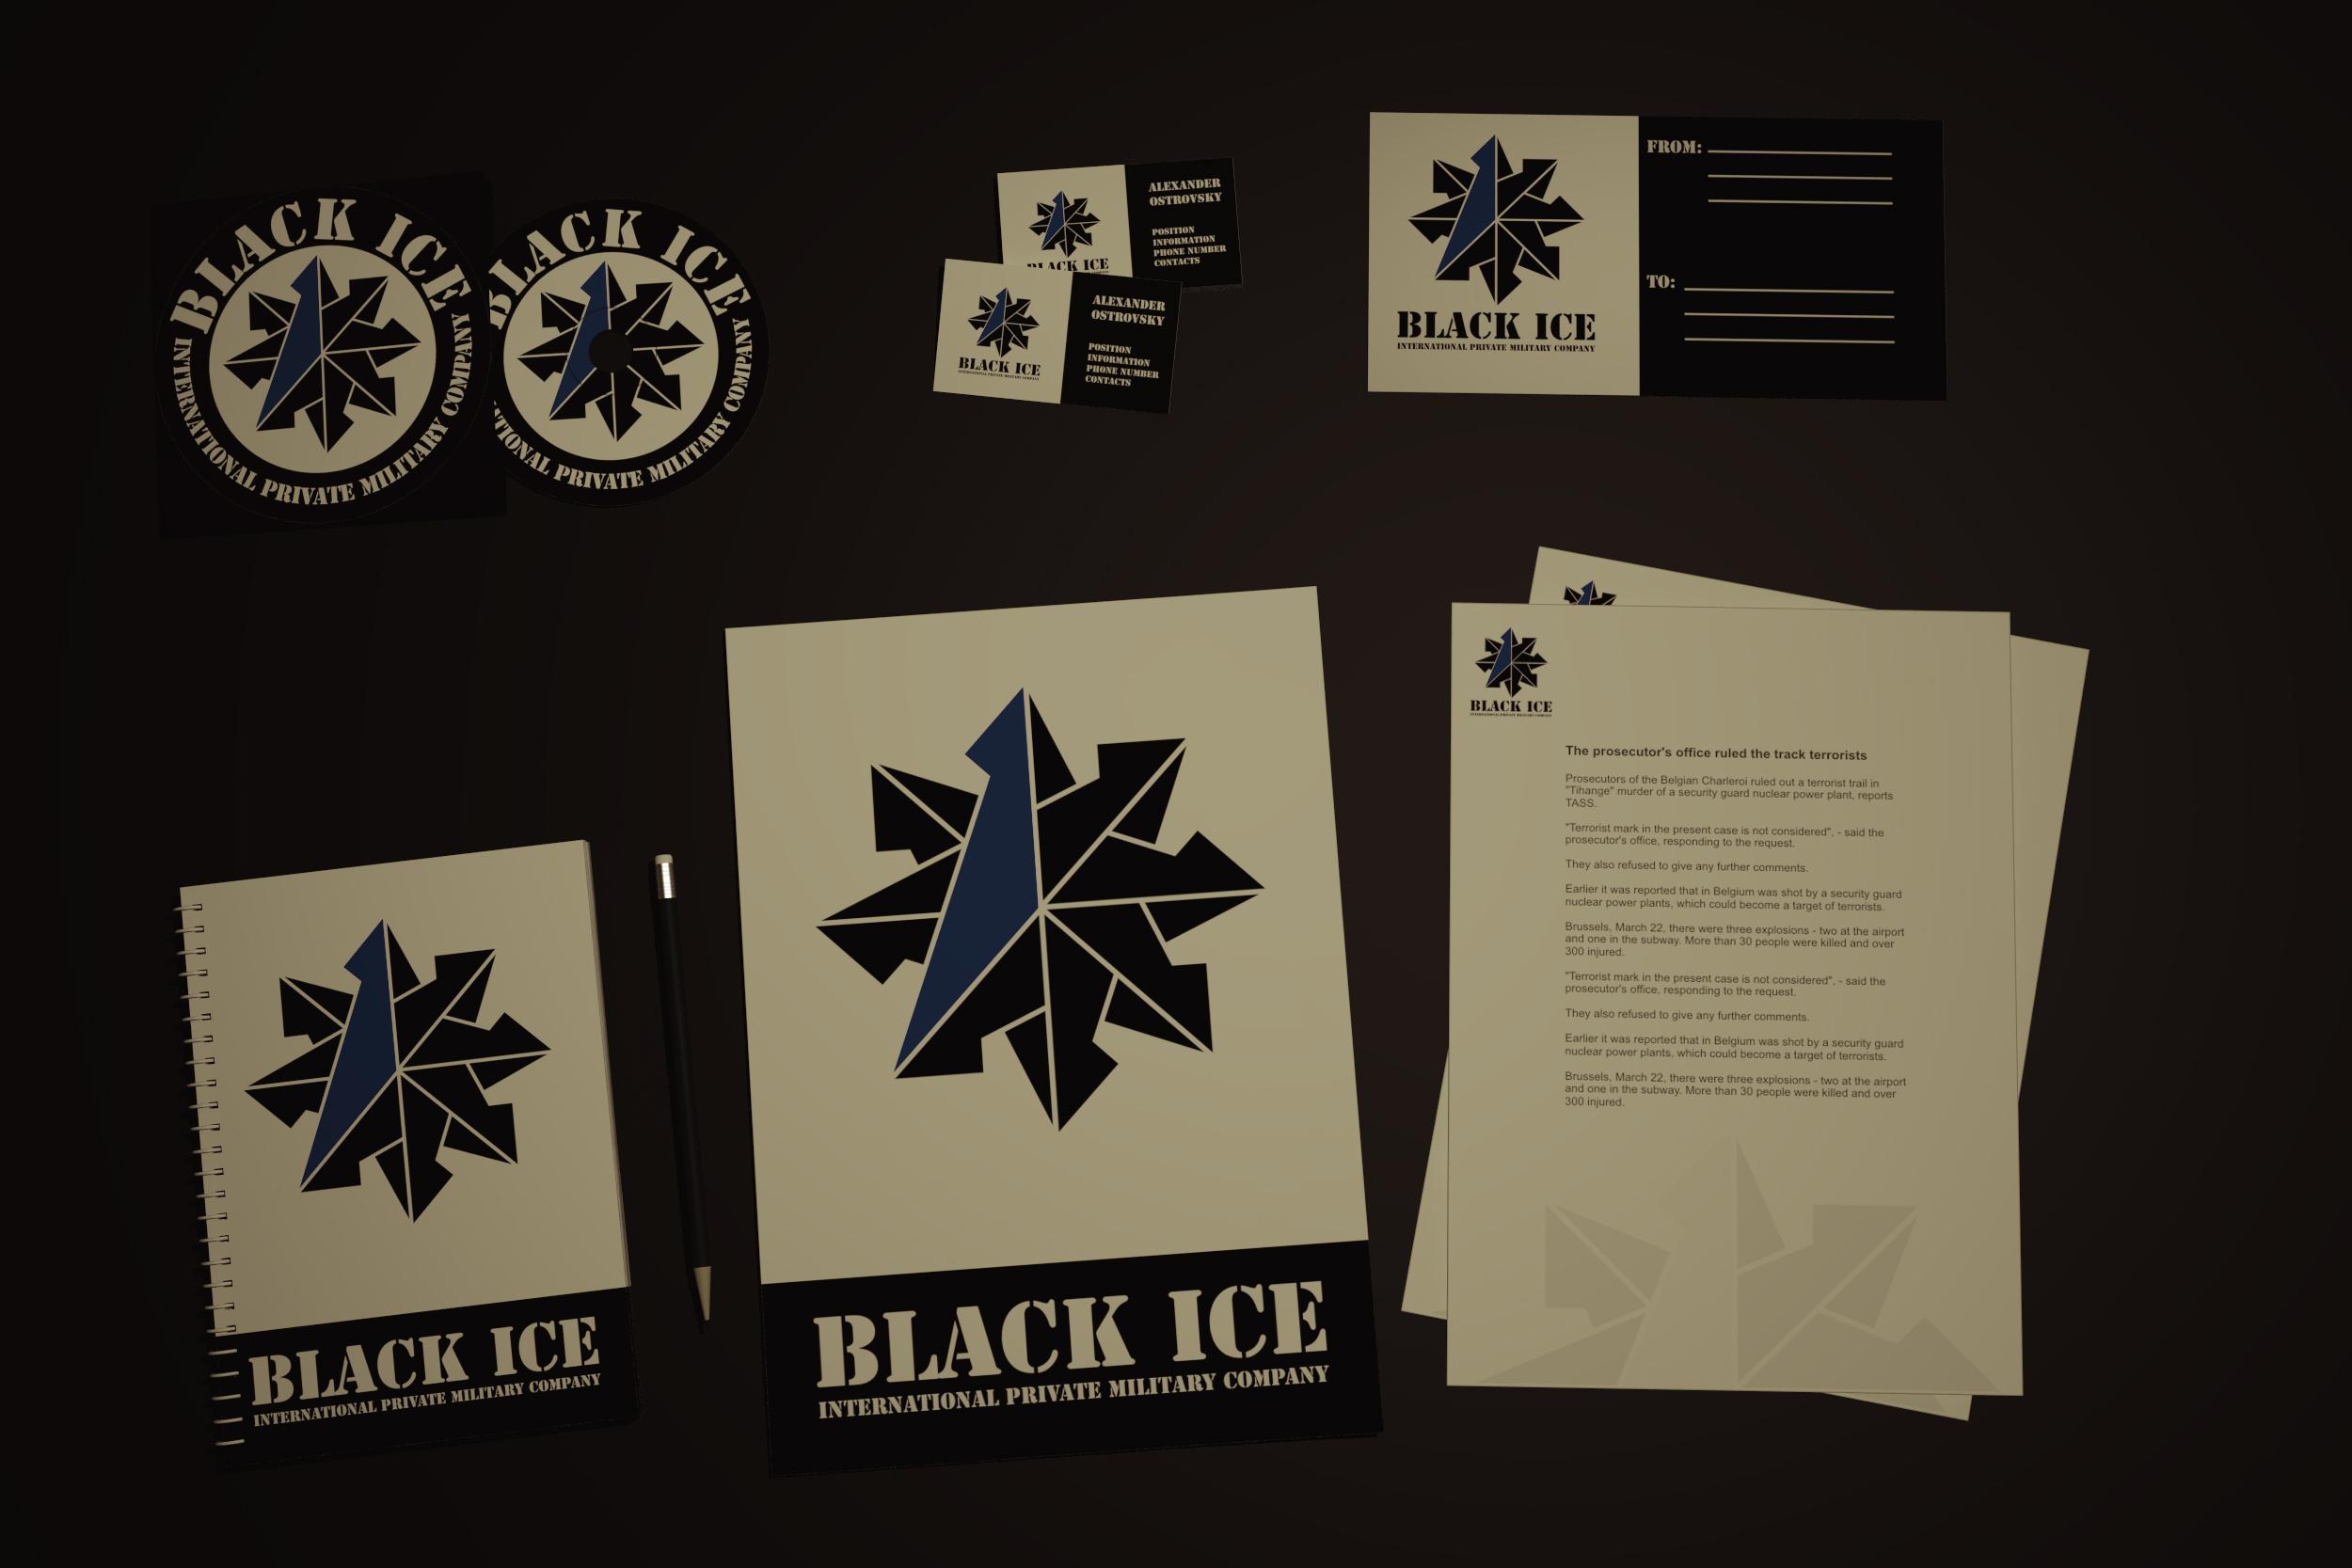 """Логотип + Фирменный стиль для компании """"BLACK ICE"""" фото f_32856f6d5357cef4.jpg"""